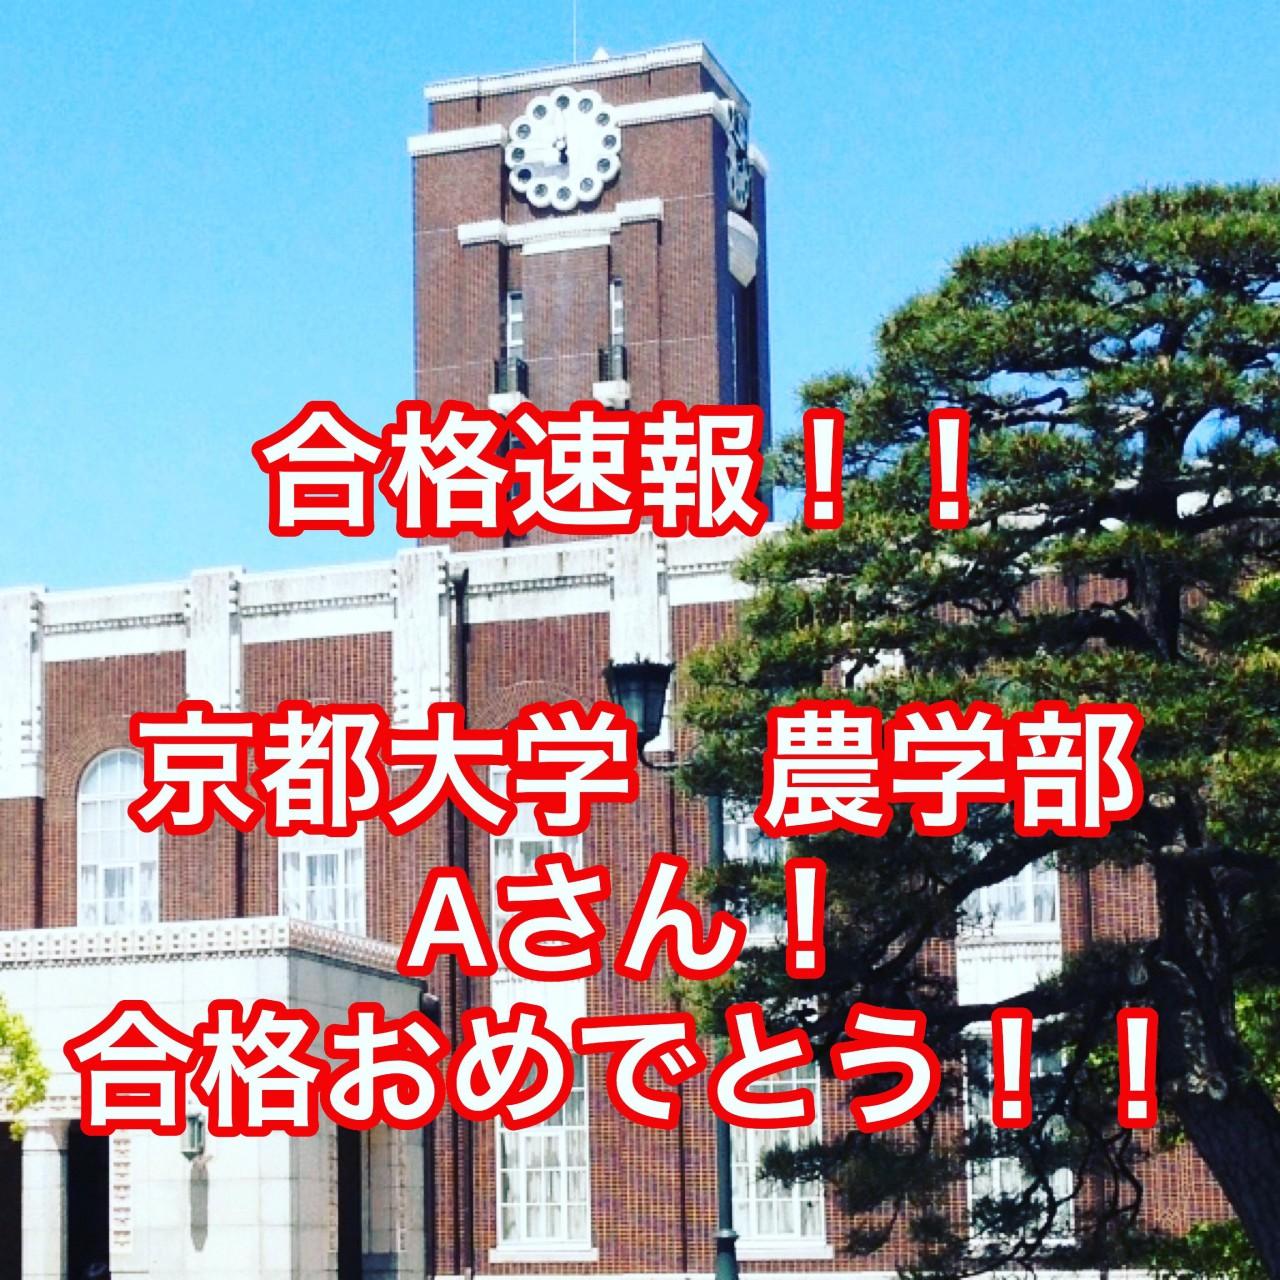 京都大学 農学部 合格おめでとうございます 武田塾芦屋校